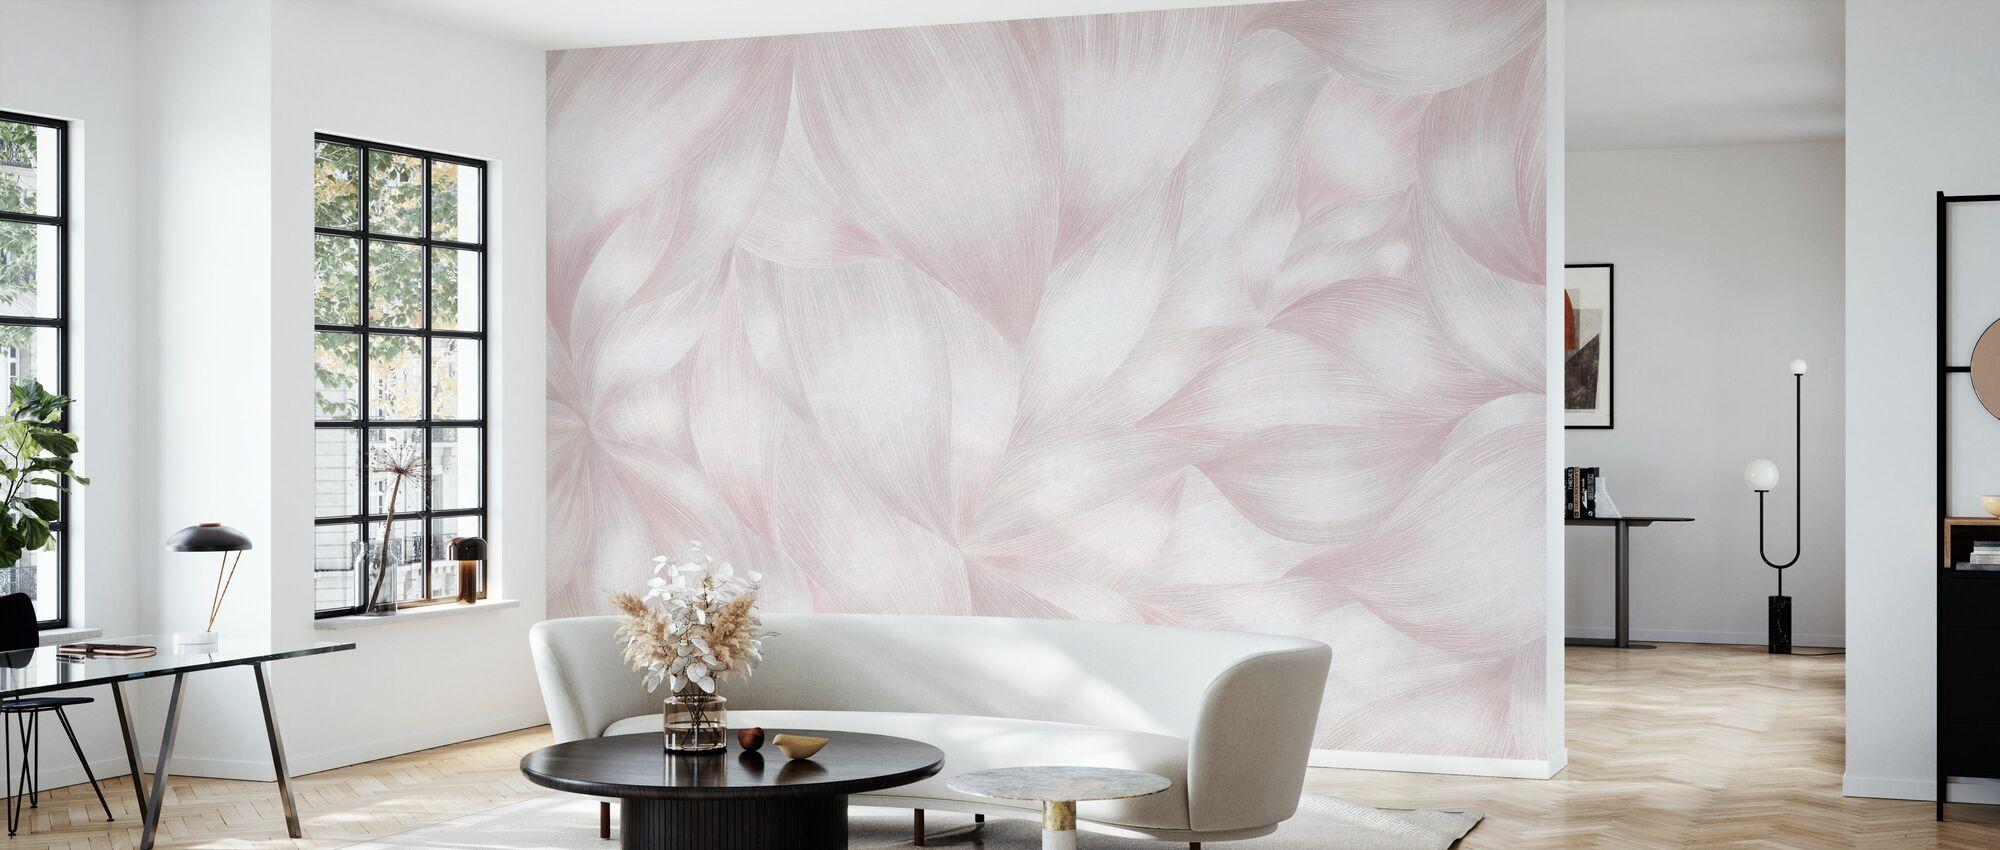 Flowing Forms III - Wallpaper - Living Room